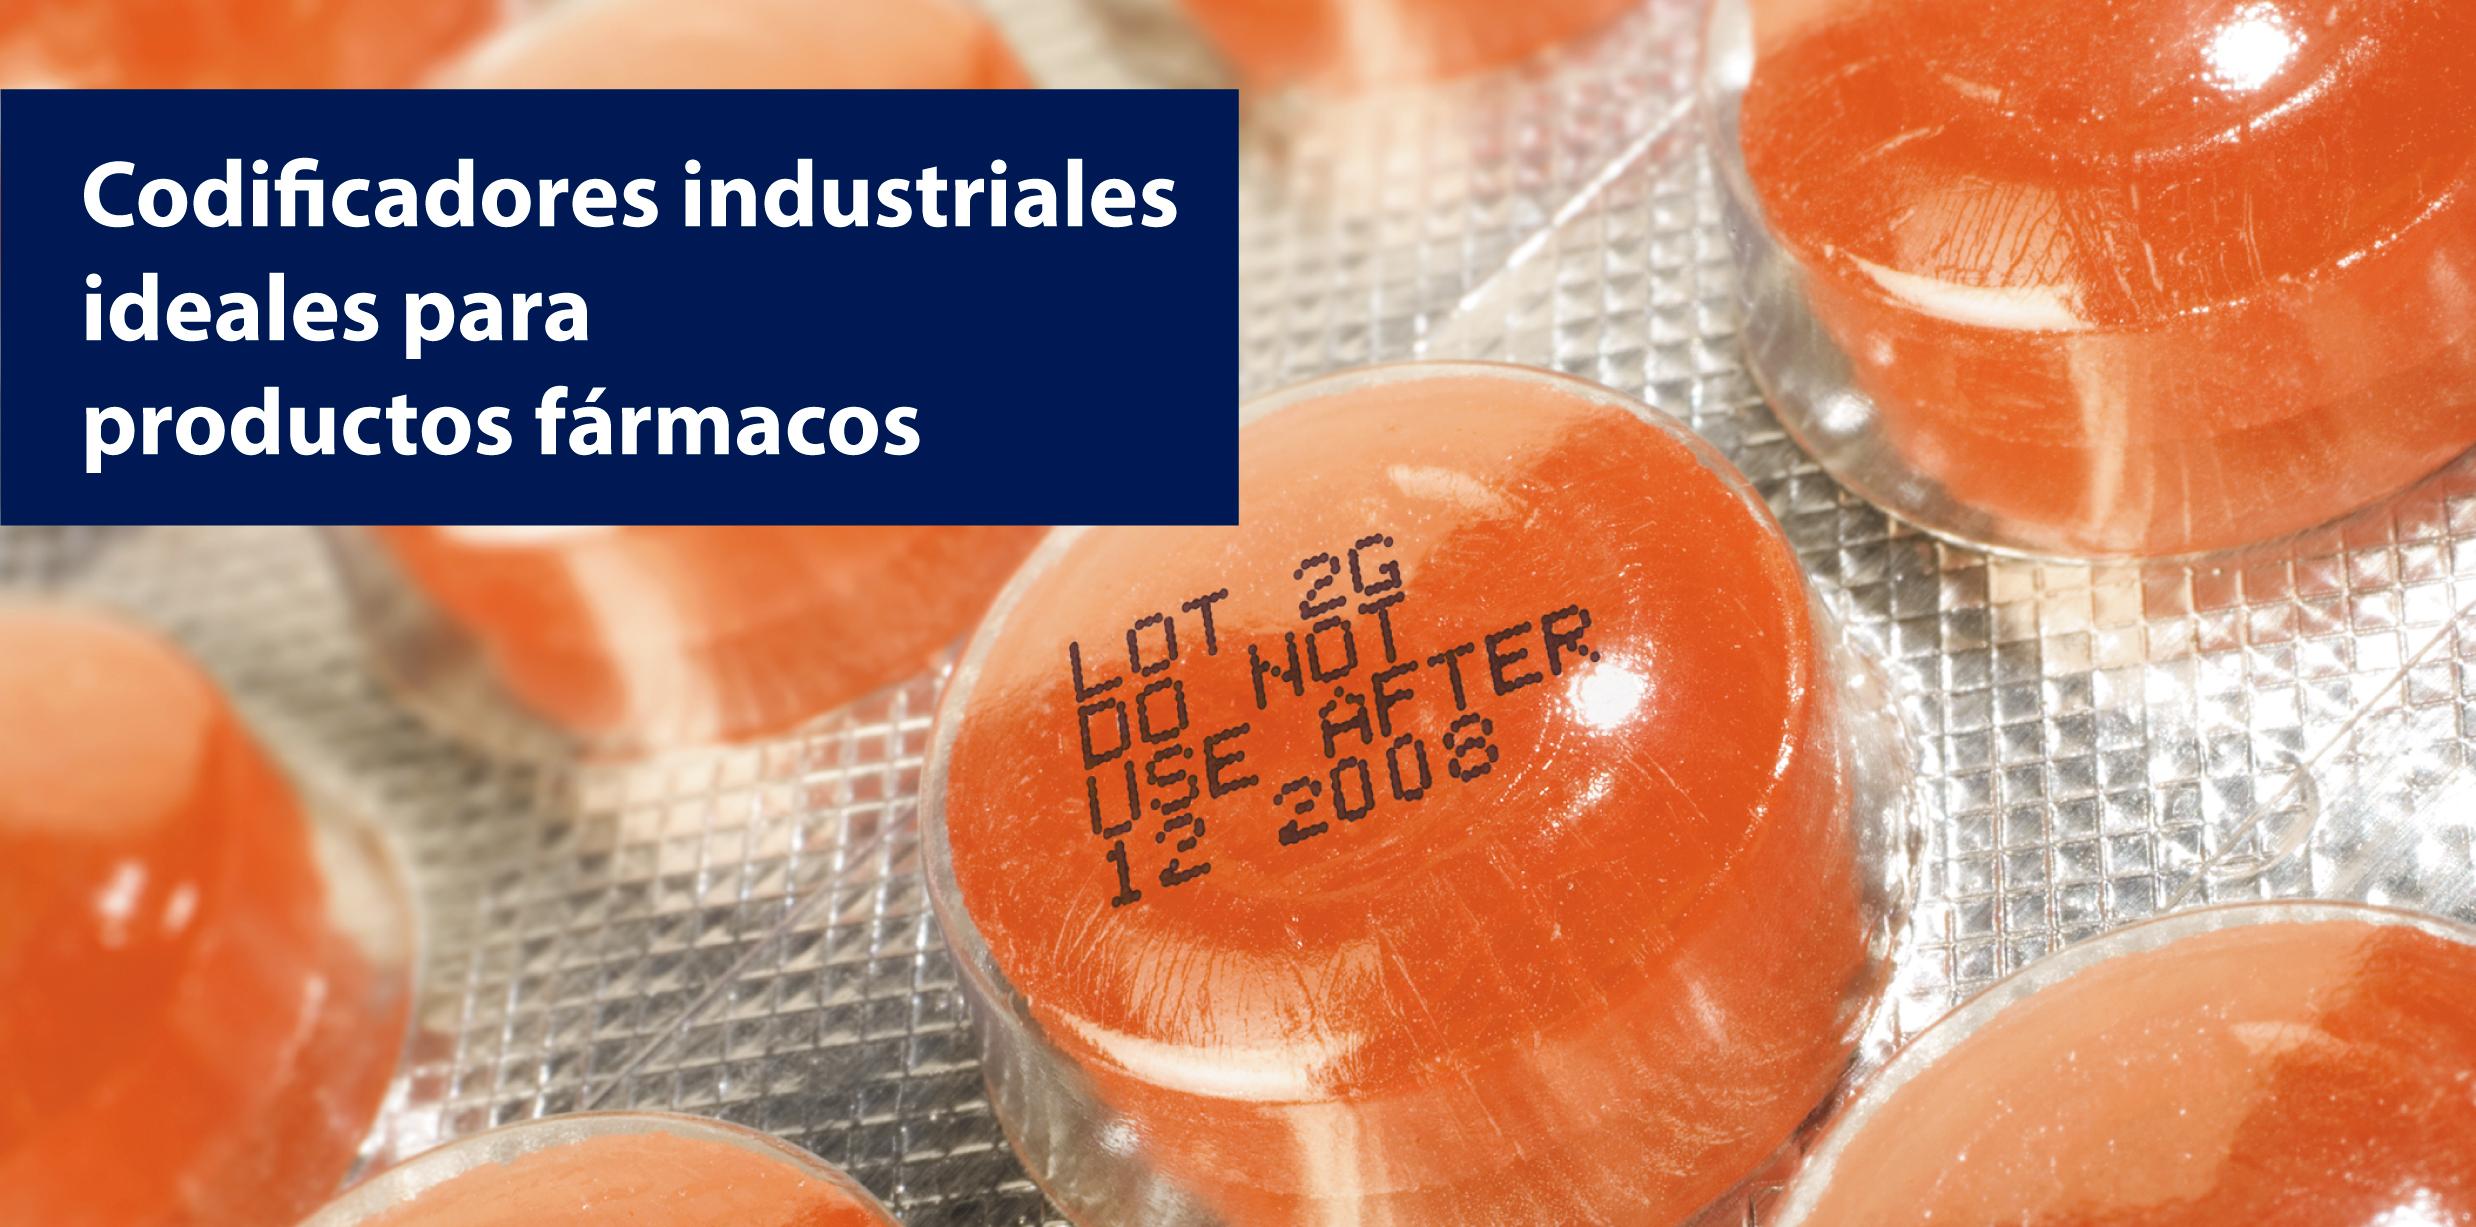 codificadores industriales ideales para productos farmacos